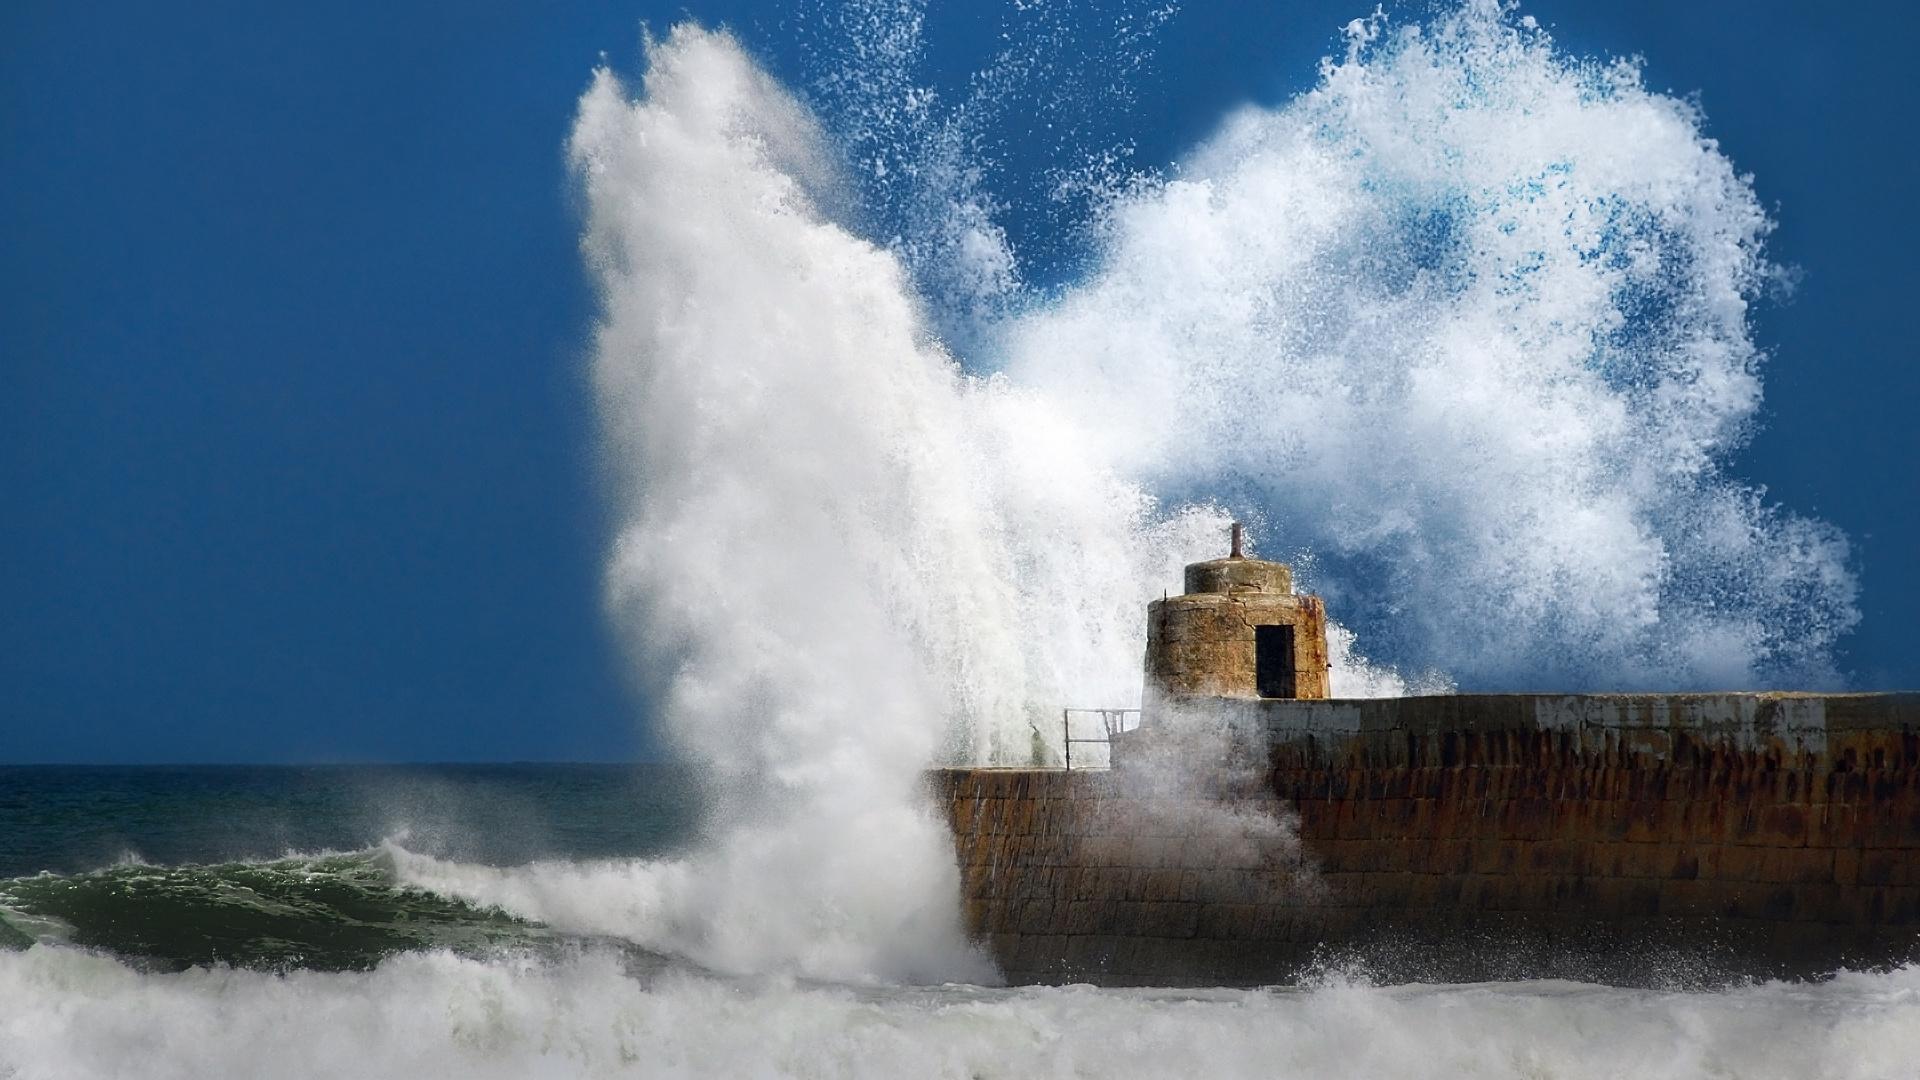 29048 скачать обои Пейзаж, Море, Волны - заставки и картинки бесплатно